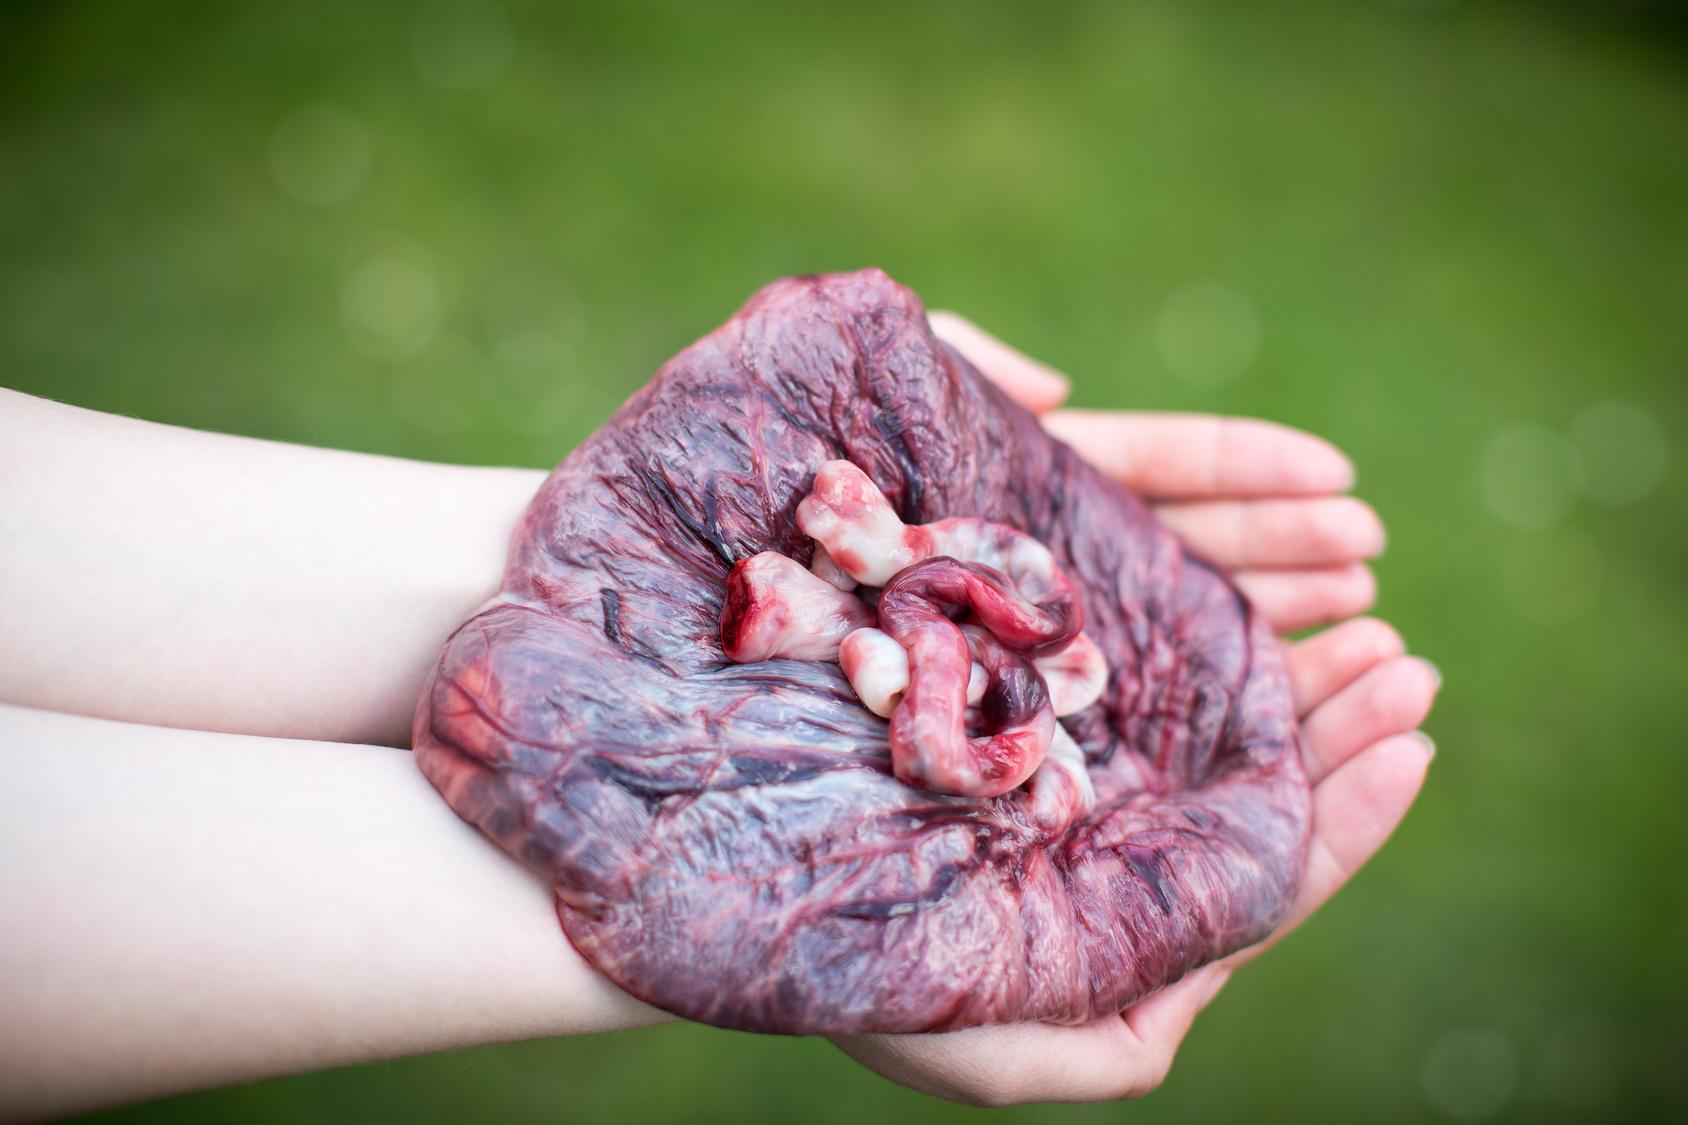 Mutter aß Plazenta: Fast tödliche Folge für Baby!